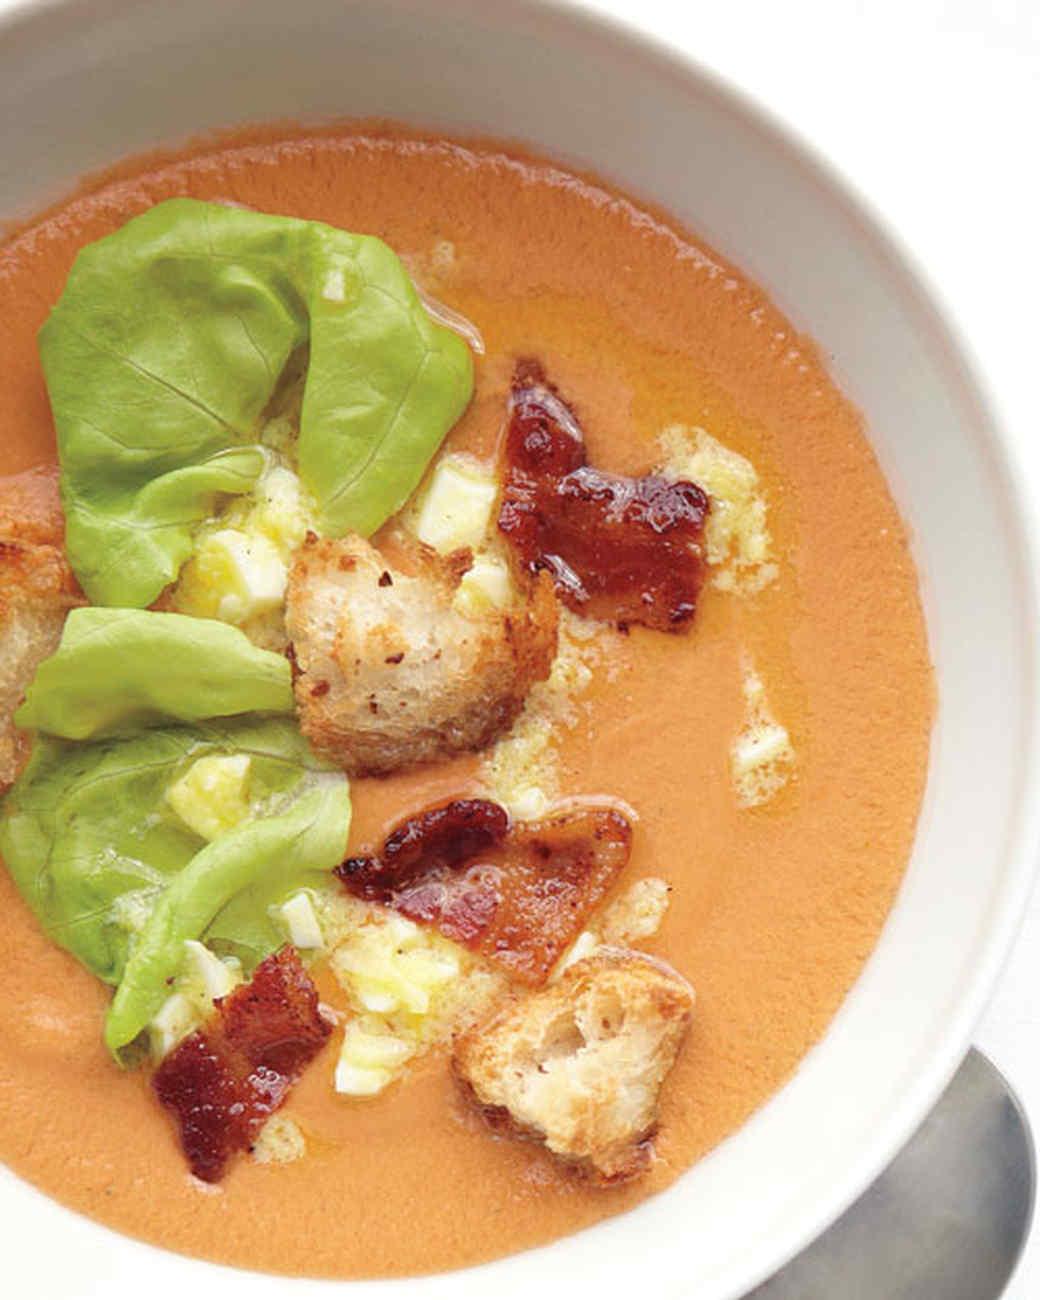 spicy-blt-soup-0711med107478-mye001.jpg